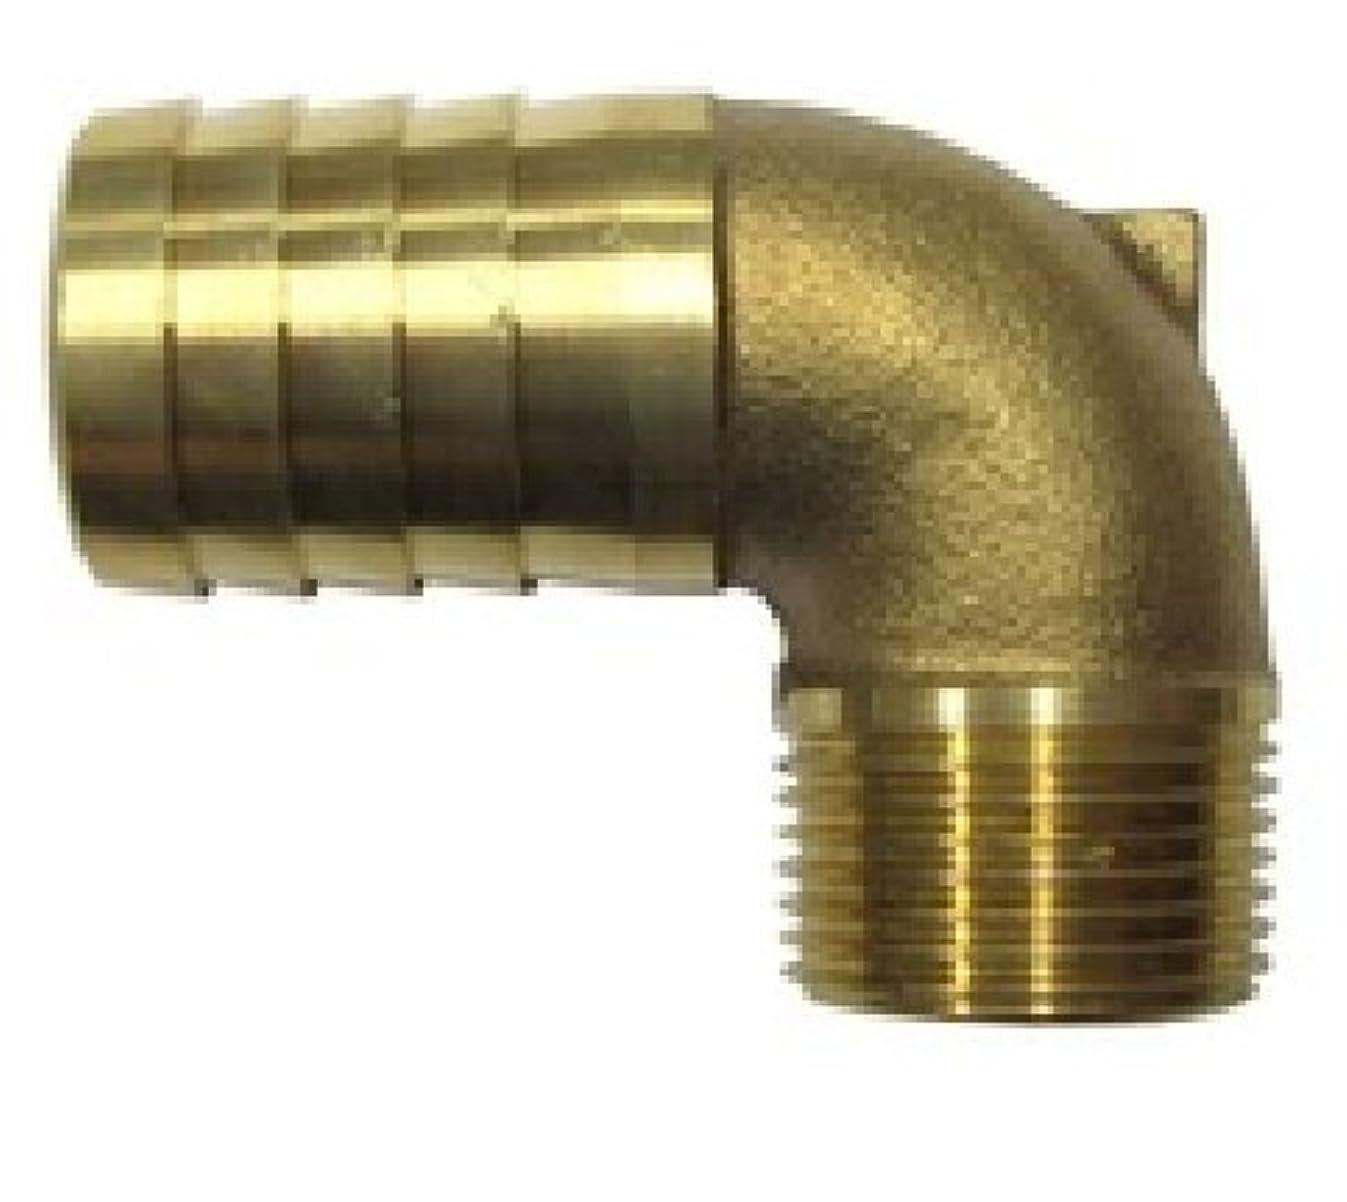 惑星スティック実際一体型ホースエルボ 1 (25A) ネジ外径 34mm 使用ホース 25mmL型 ホース継ぎ手 ホース継手 ホース